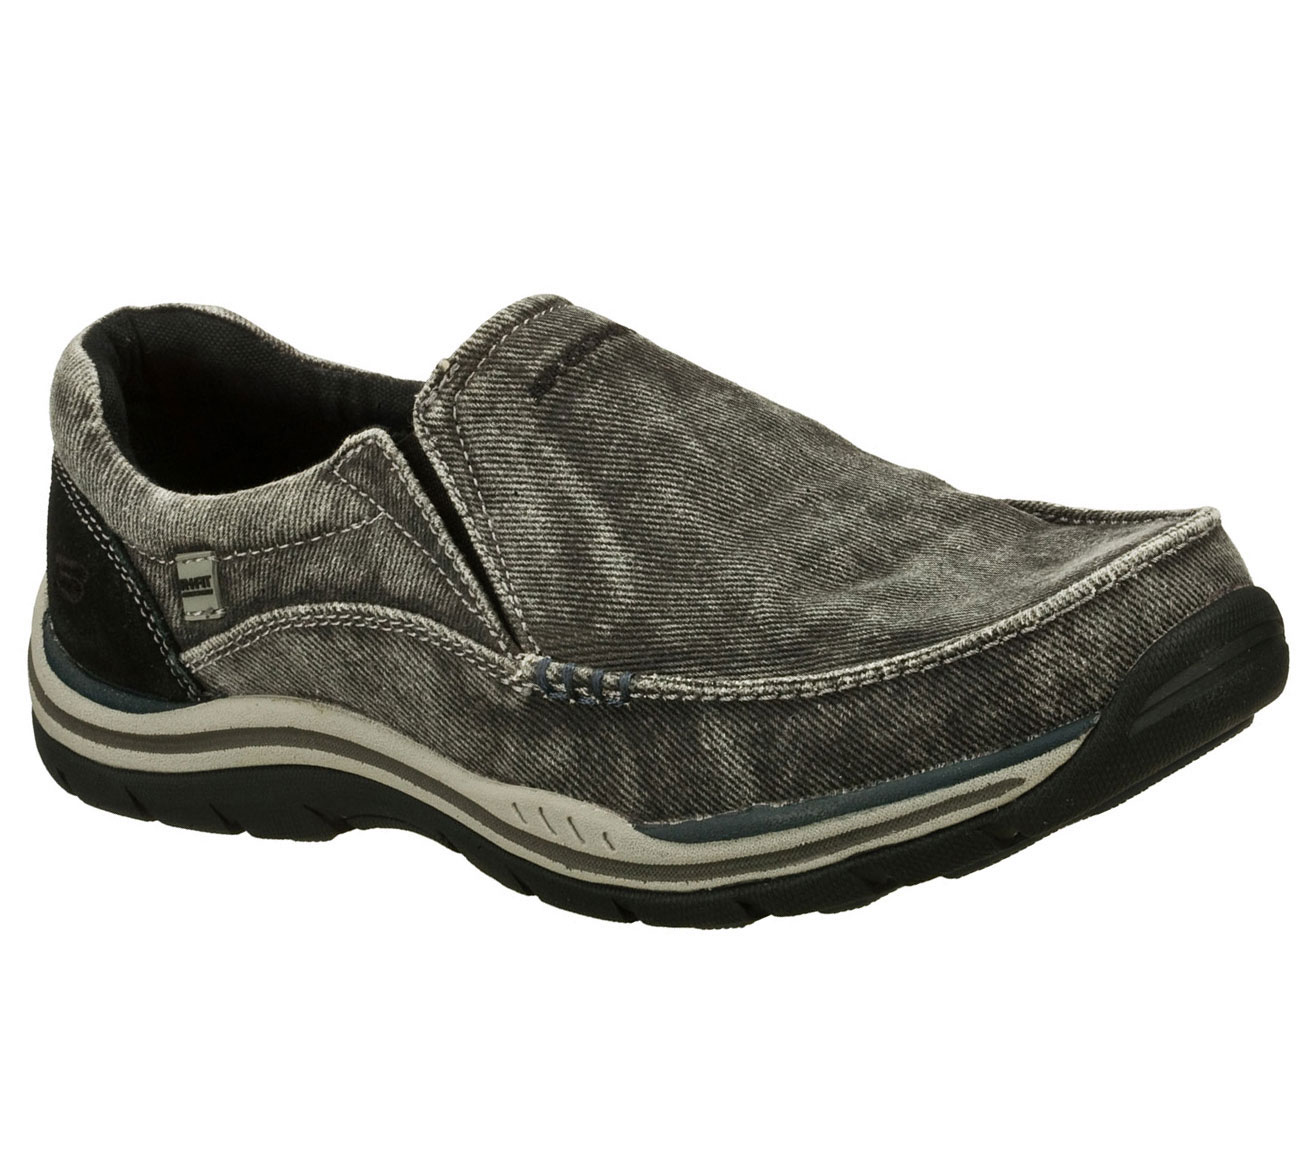 נעלי סקצ'רס גברים Skechers Relaxed Fit Expected Avillo